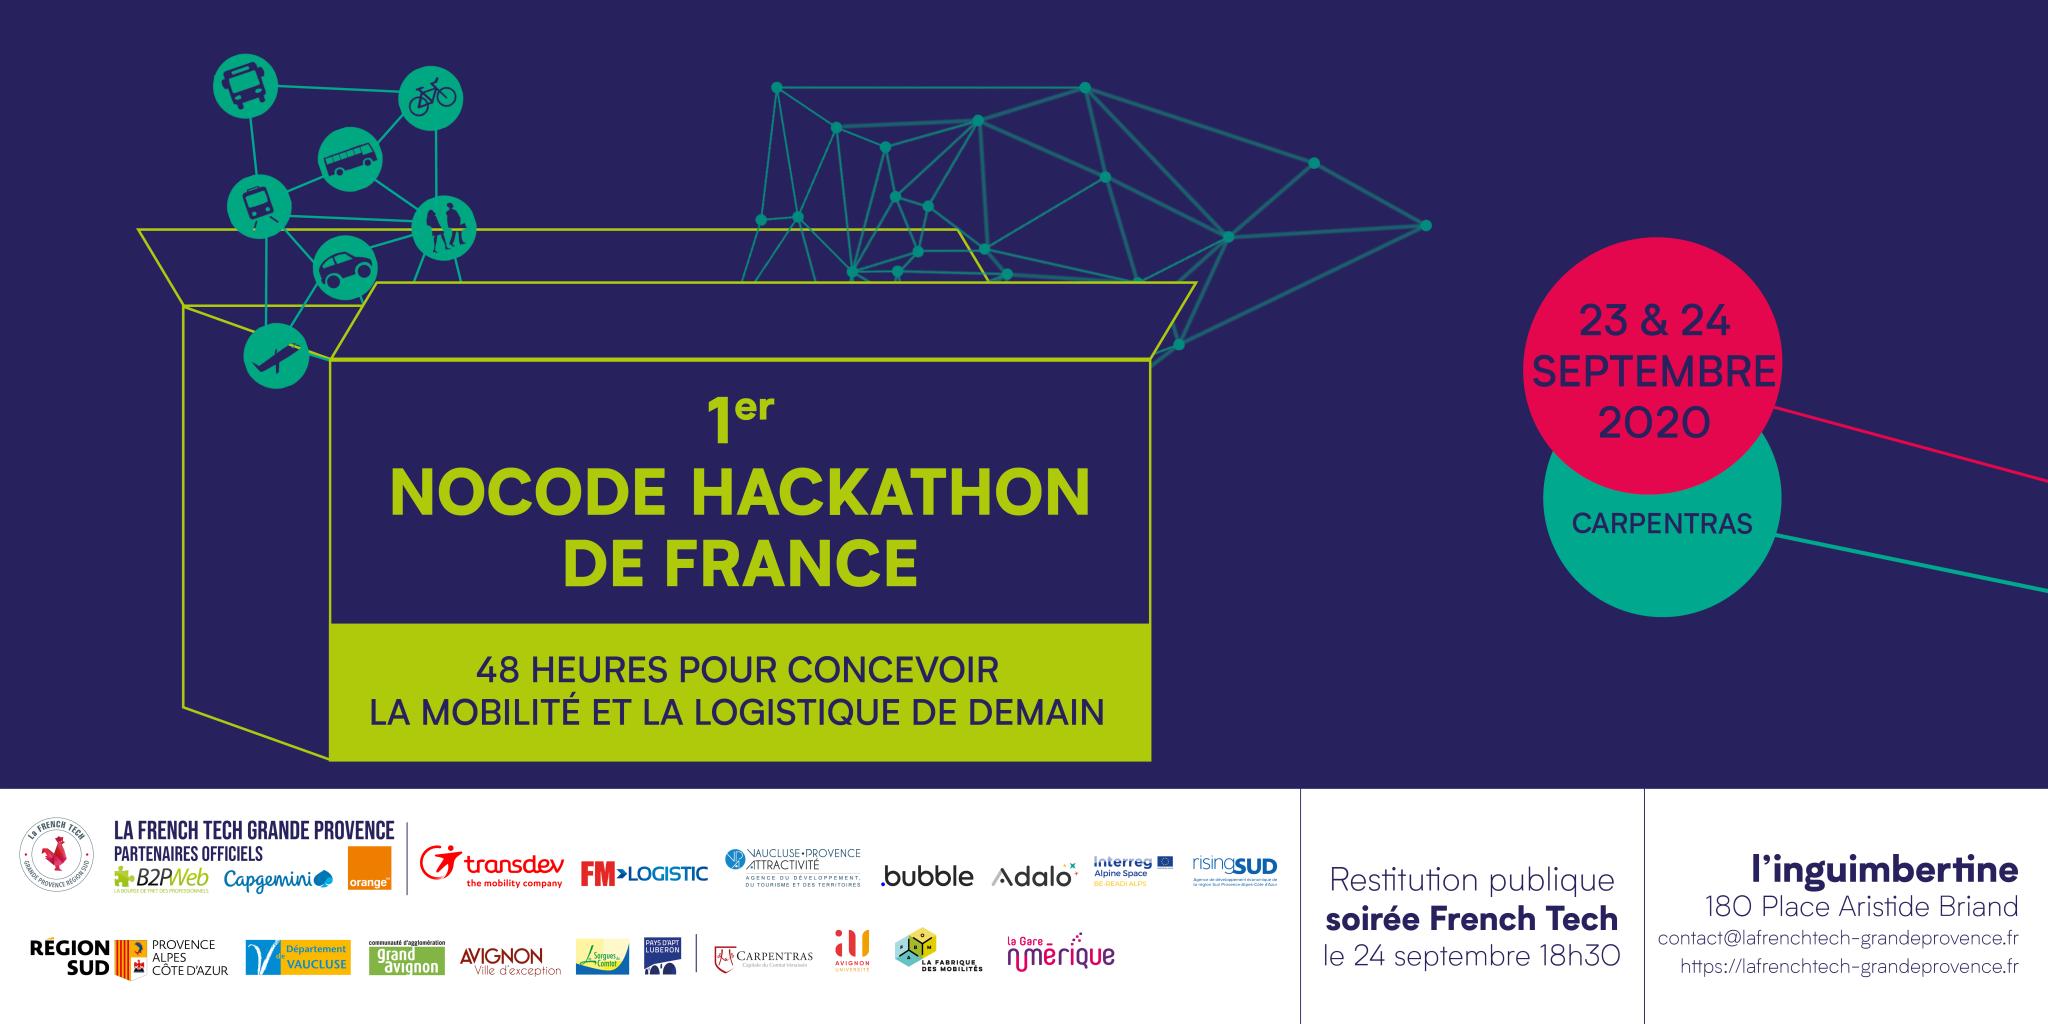 nocode hackathon La French Tech Grande Provence